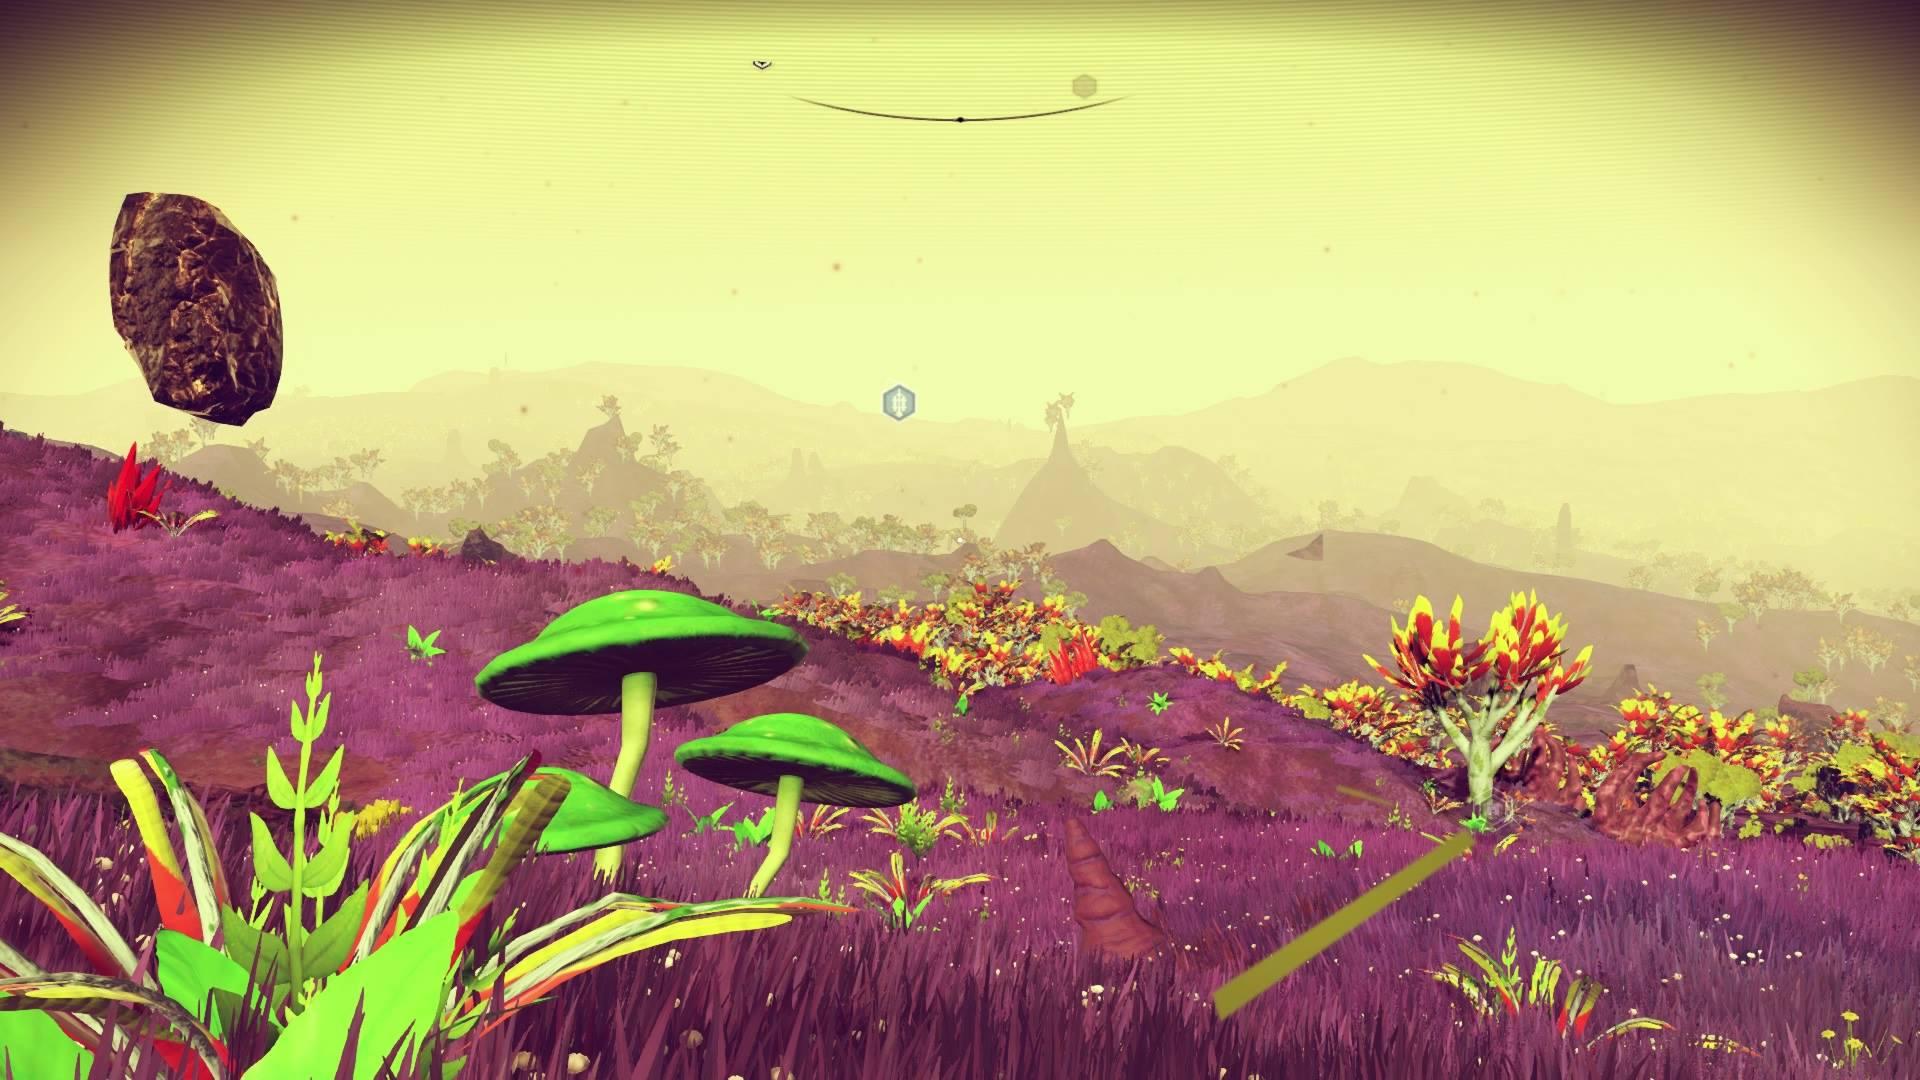 In der Ruhe dieser weiten Landschaft liegt die Weltraum-Kraft.